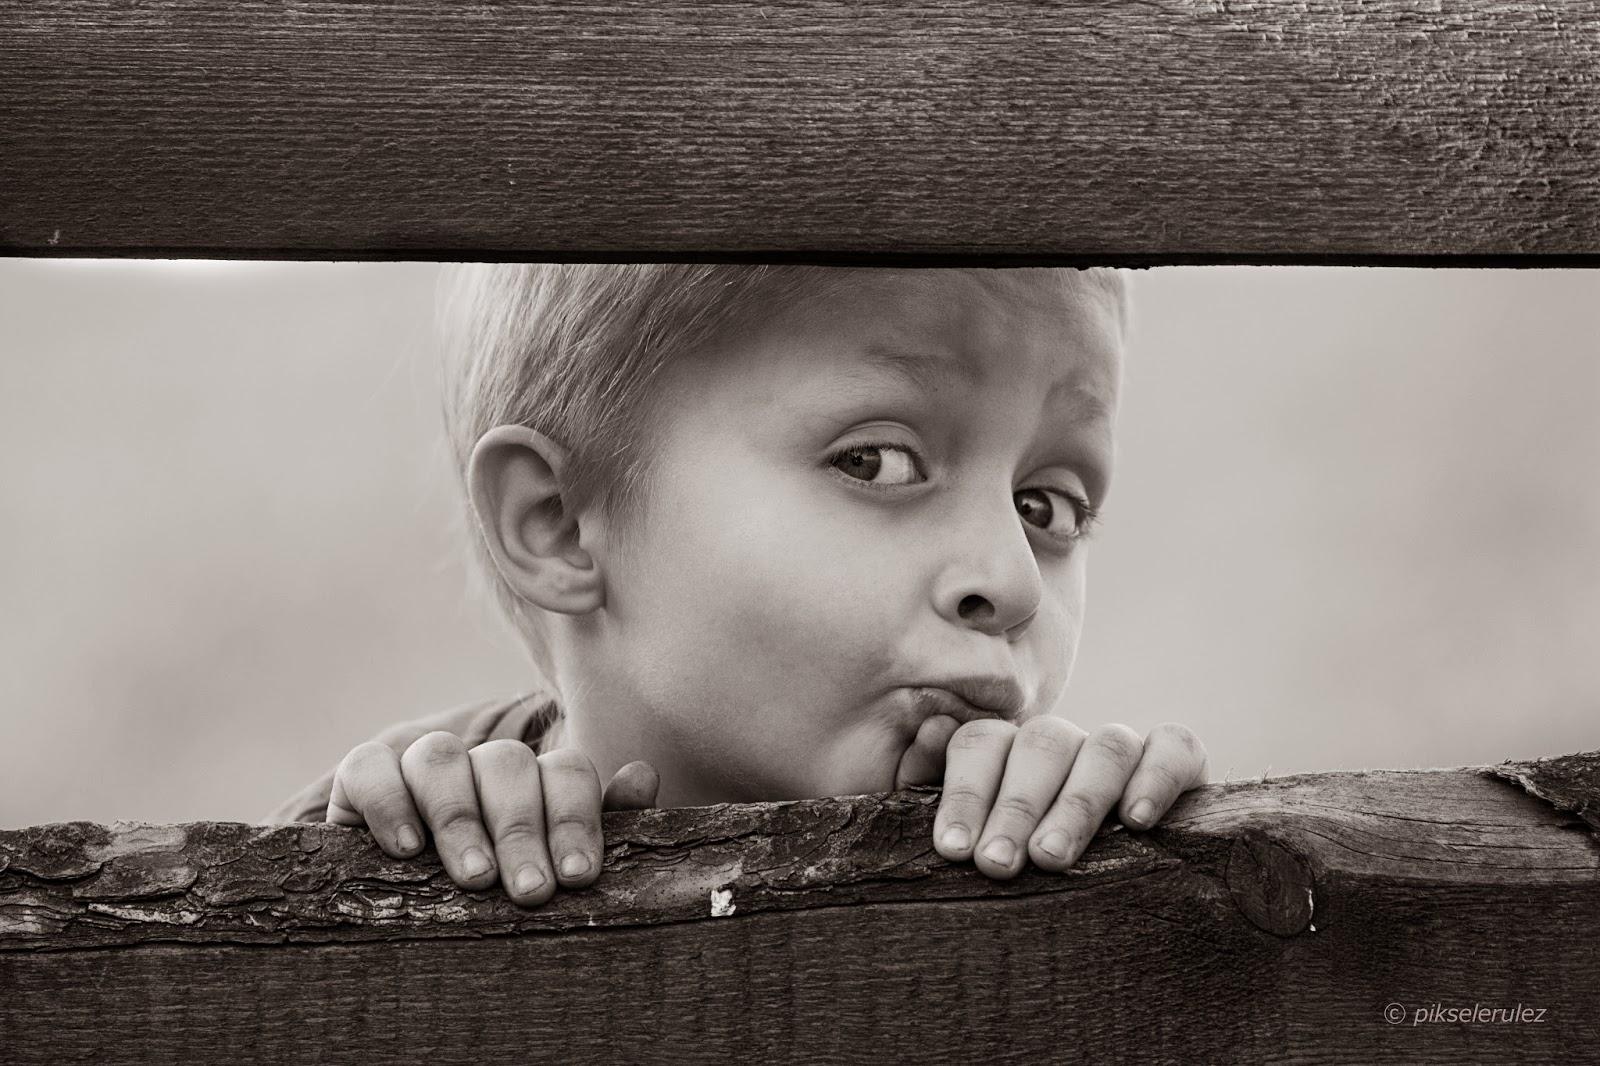 child, dzieci, boy, portraits. blackandwhite, Agata Raszke, portret, czerń i biel,